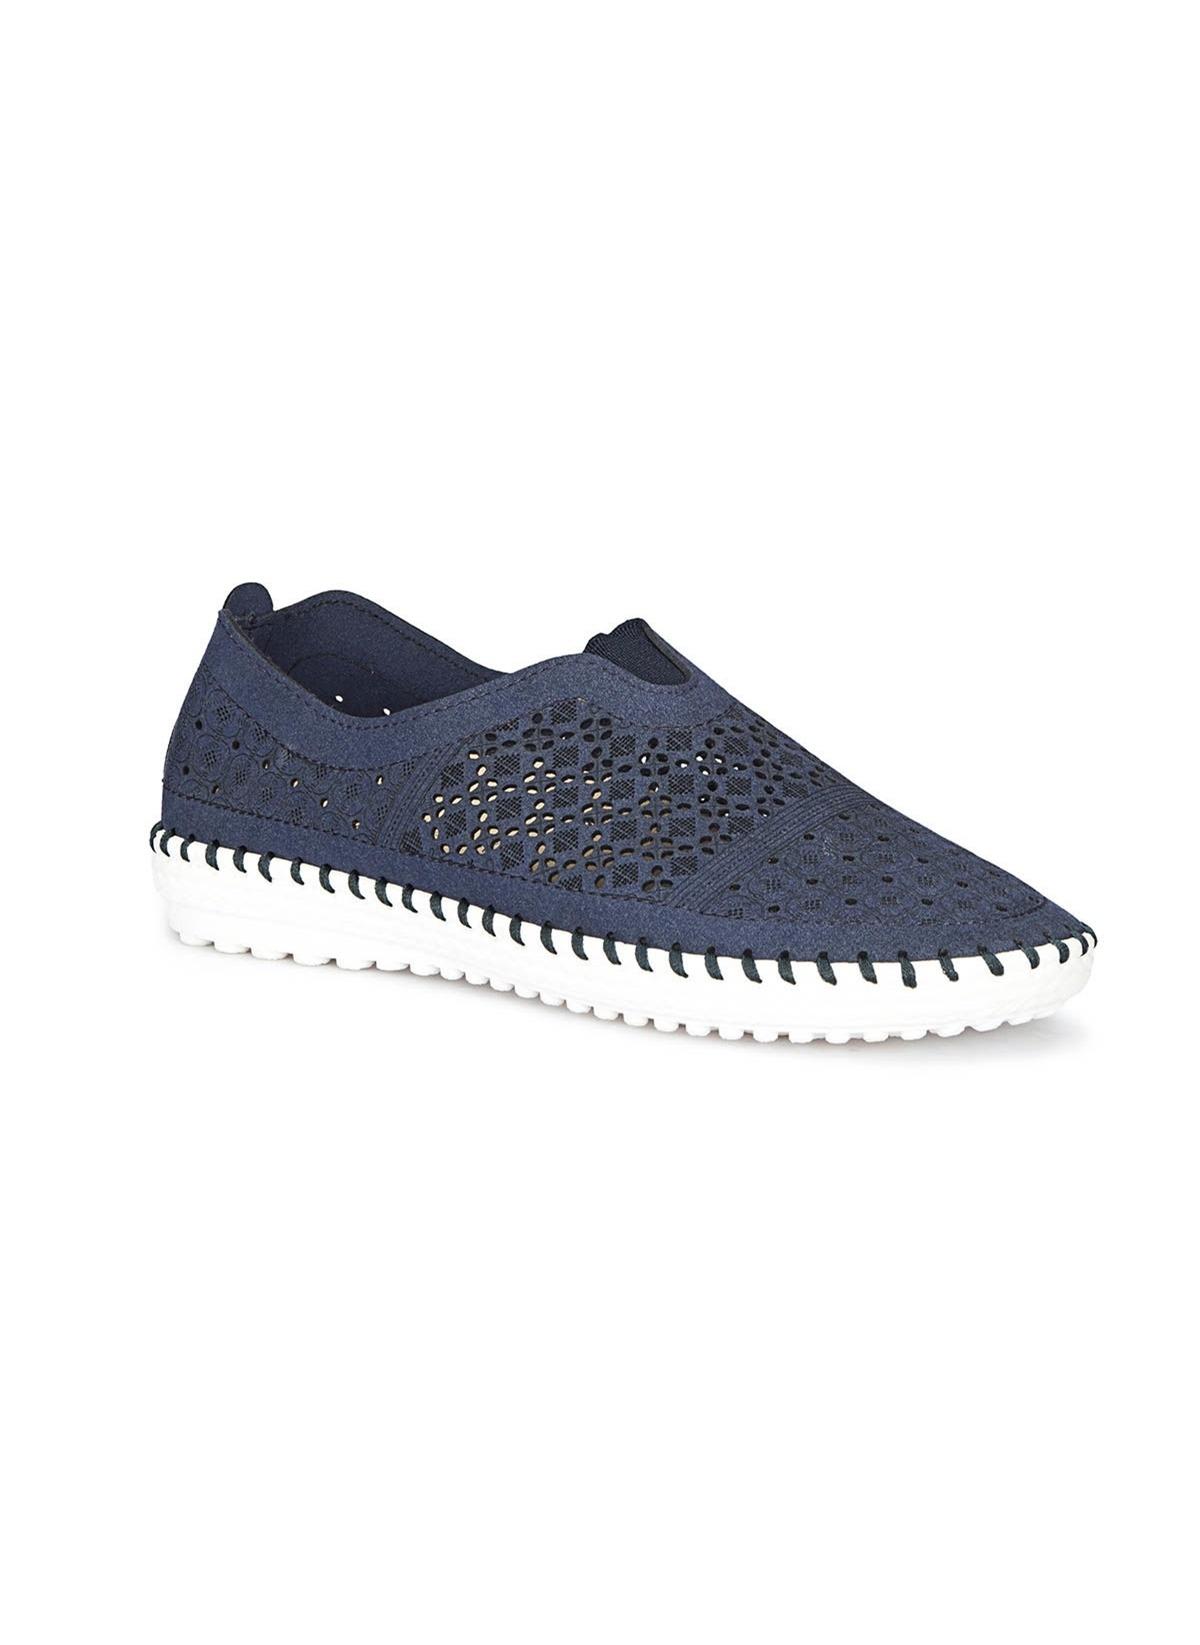 Polaris Ayakkabı 71.157316.z Basic Comfort – 49.99 TL